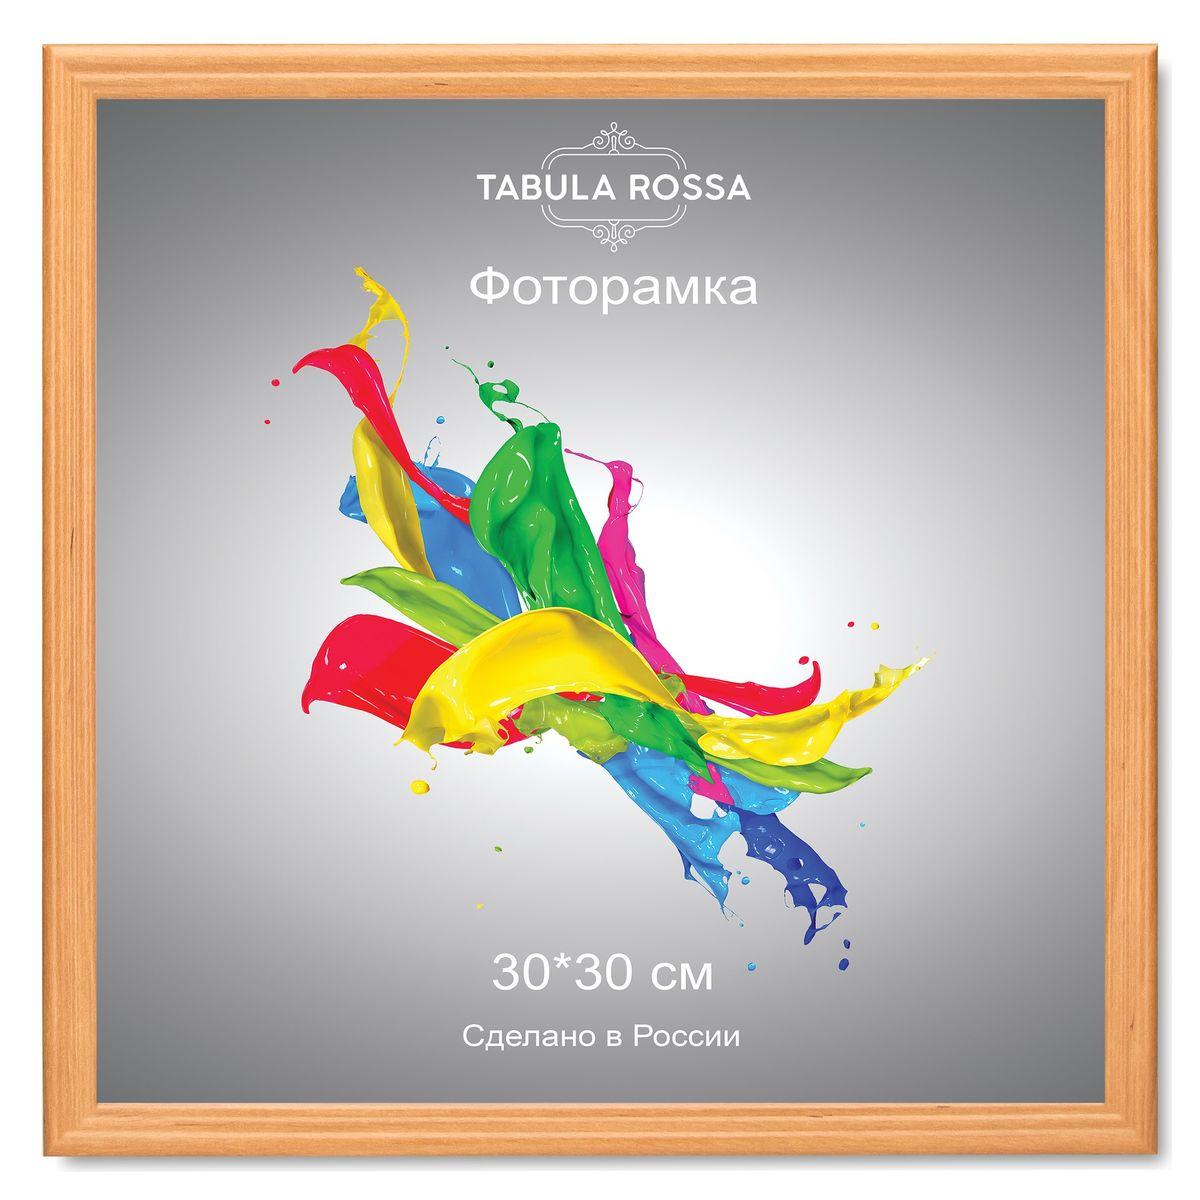 Фоторамка Tabula Rossa, цвет: ольха, 30 х 30 см. ТР 5140ТР 5140Фоторамка Tabula Rossa выполнена в классическом стиле из высококачественного МДФ и стекла, защищающего фотографию. Оборотная сторона рамки оснащена специальной ножкой, благодаря которой ее можно поставить на стол или любое другое место в доме или офисе. Также изделие дополнено двумя специальными креплениями для подвешивания на стену. Такая фоторамка не теряет своих свойств со временем, не деформируется и не выцветает. Она поможет вам оригинально и стильно дополнить интерьер помещения, а также позволит сохранить память о дорогих вам людях и интересных событиях вашей жизни.